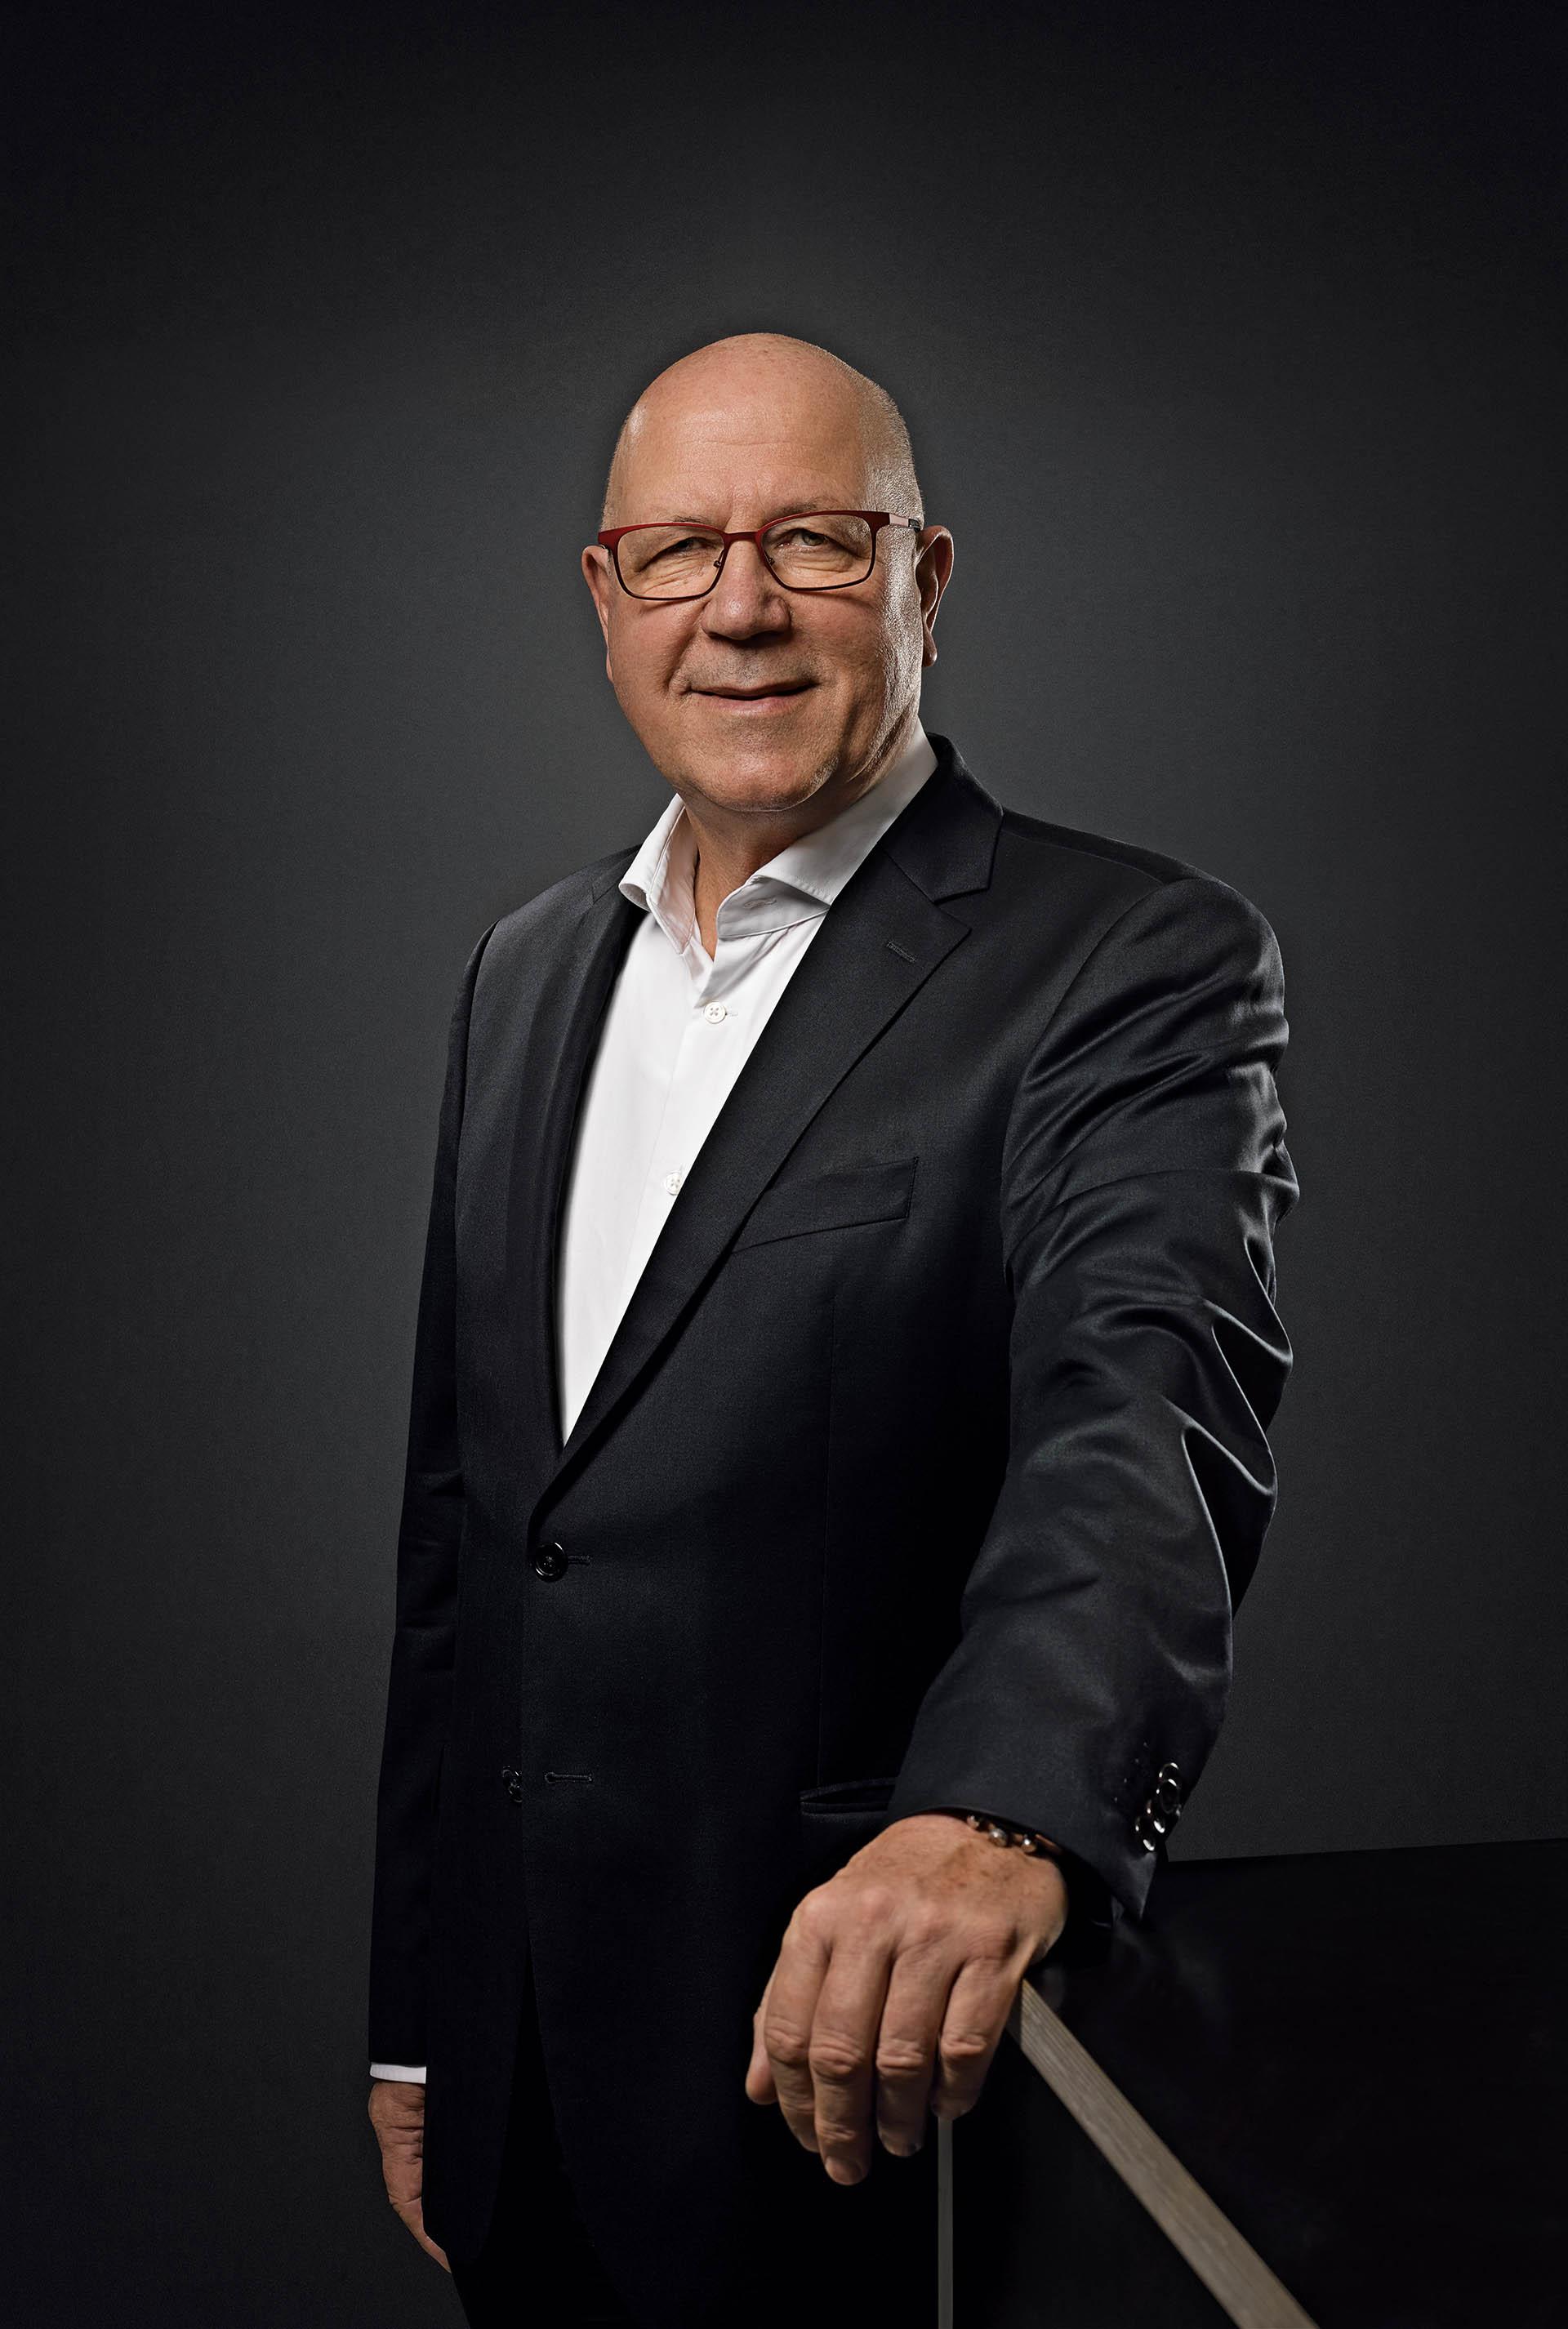 Oris Vorstandsvorsitzender Ulrich Herzog, Uhrenhersteller